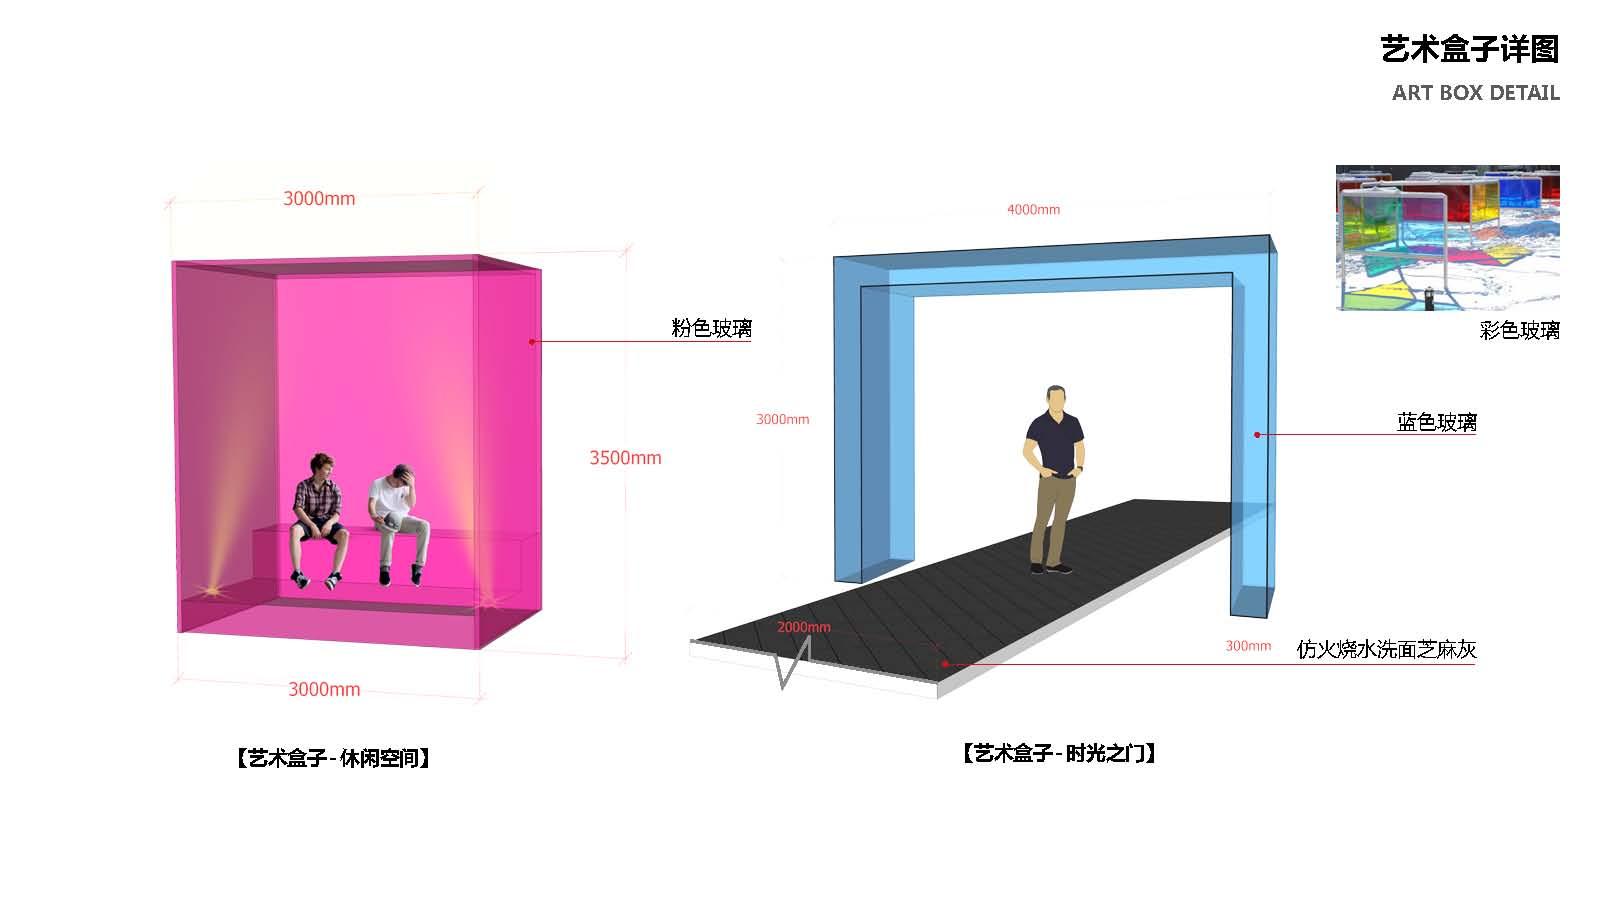 长沙27亩项目示范区<B style='color:black;background-color:#ff66ff'>ag真人游戏平台</B>方案设计2020.03.09_页面_43.jpg